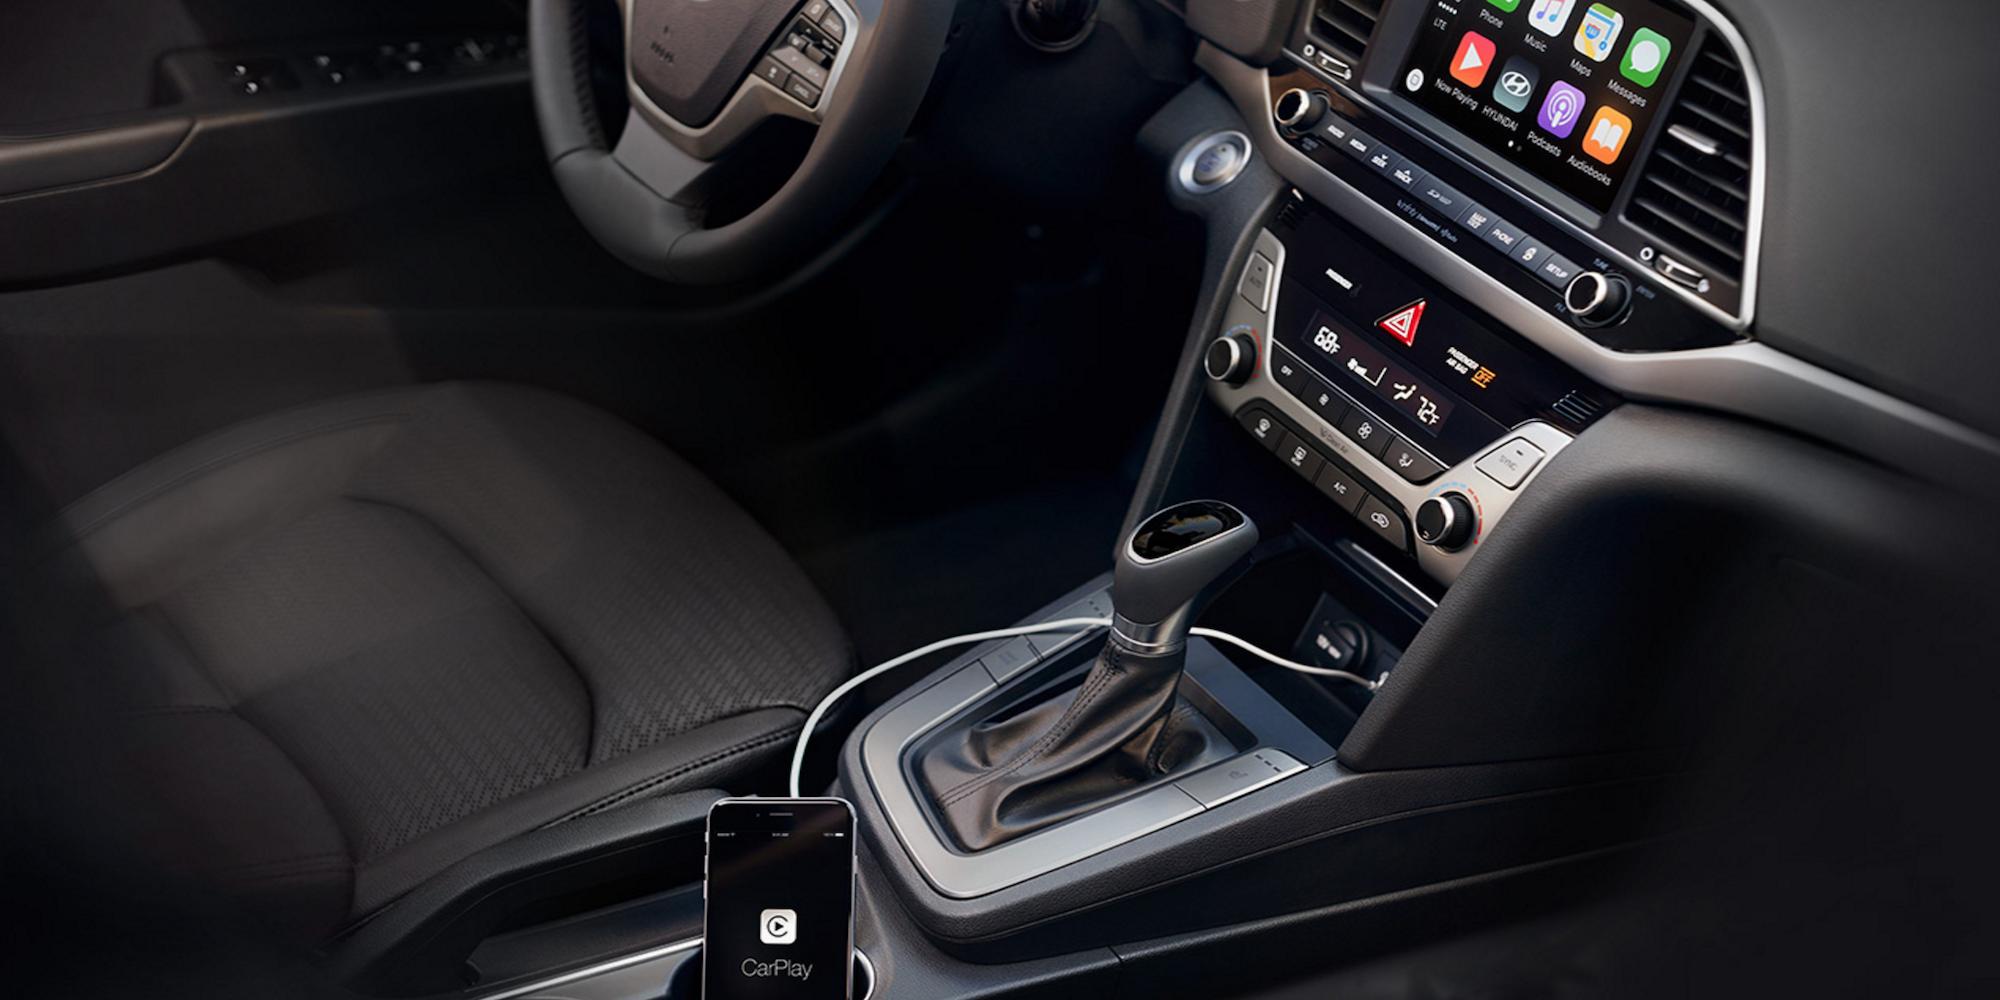 Hyundai-CarPlay